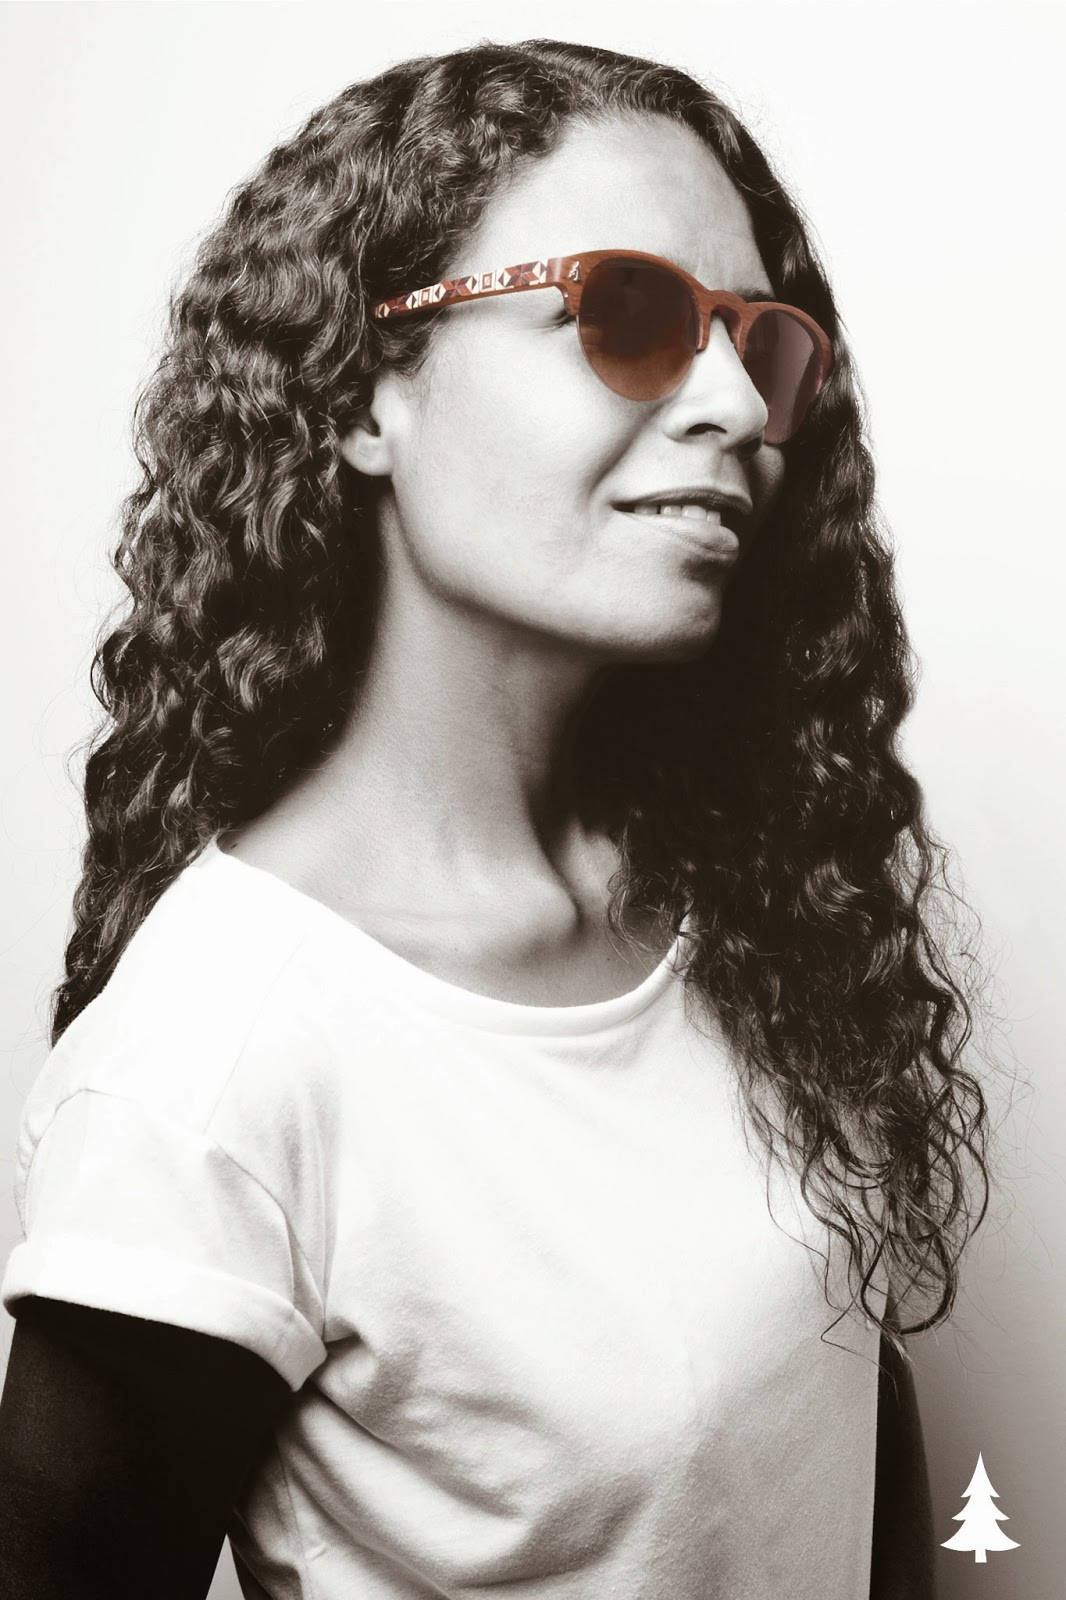 Laveta, handmade, hecho a mano, Made in Spain, gafas de sol, complementos, accesorios, sostenibilidad, be divinity,